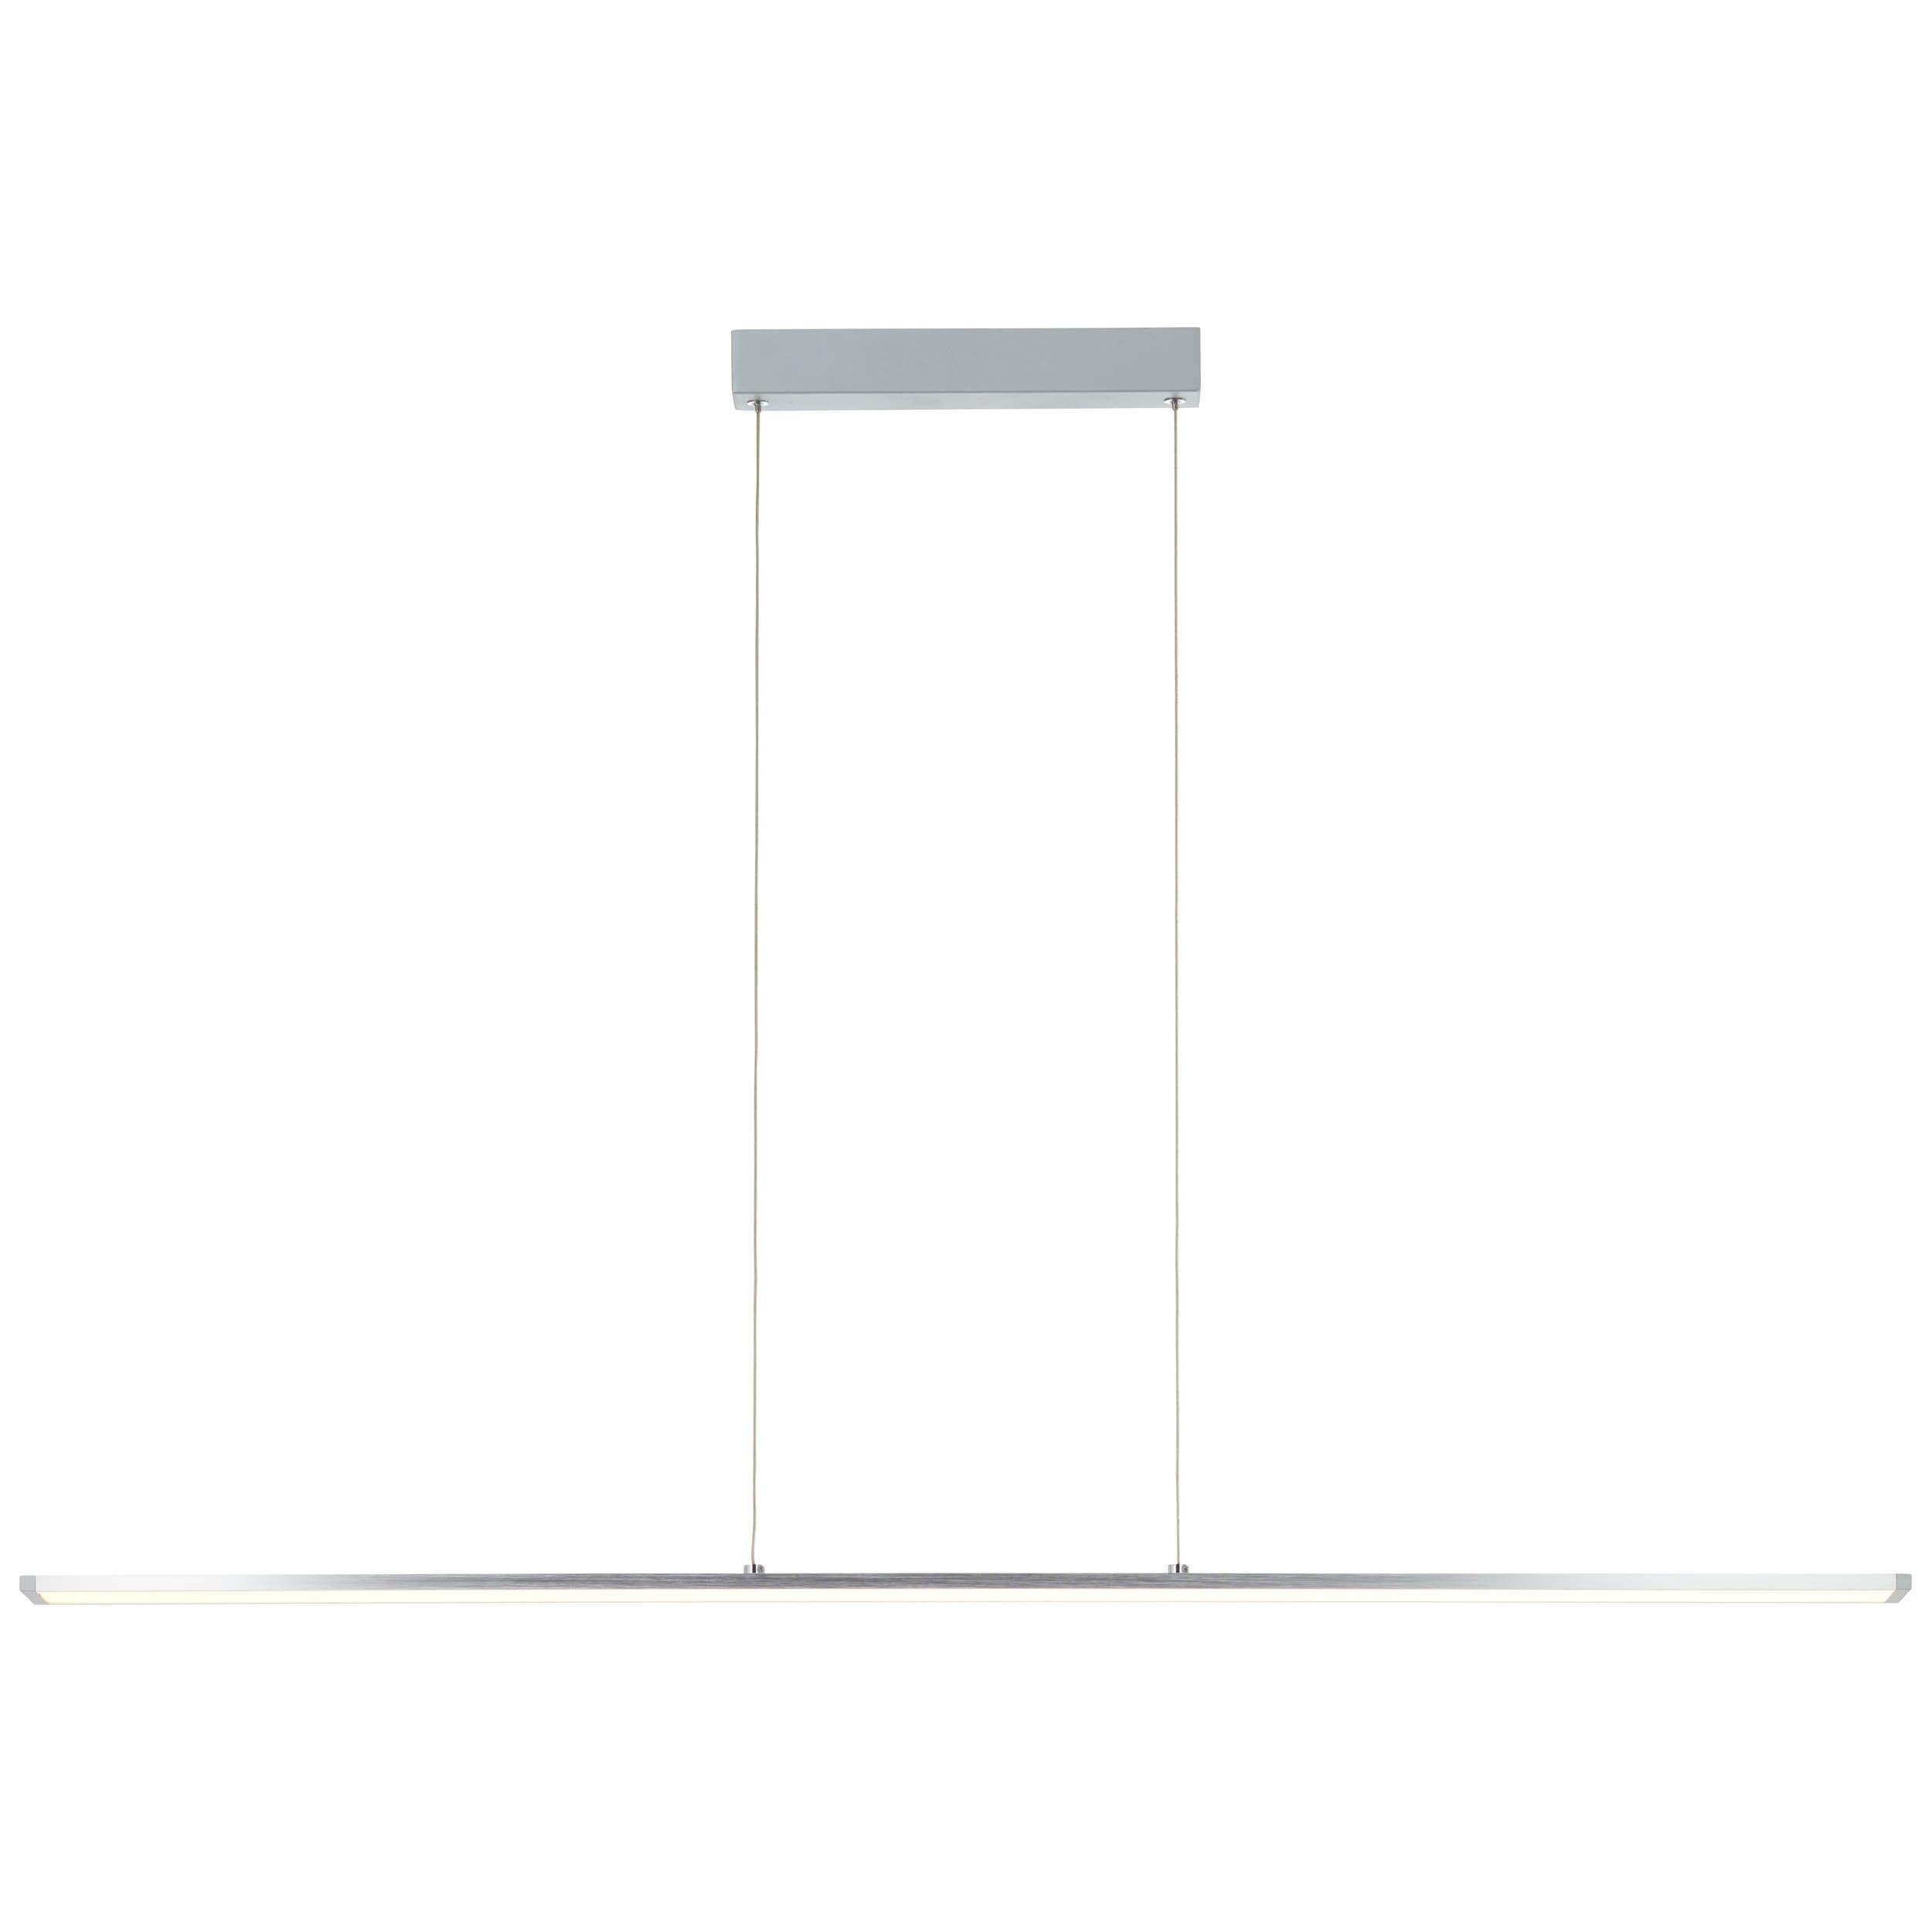 Brilliant Leuchten Deckenleuchten, Warmweiß, Entrance LED Pendelleuchte Paneel 120cm alu/weiß easyDim